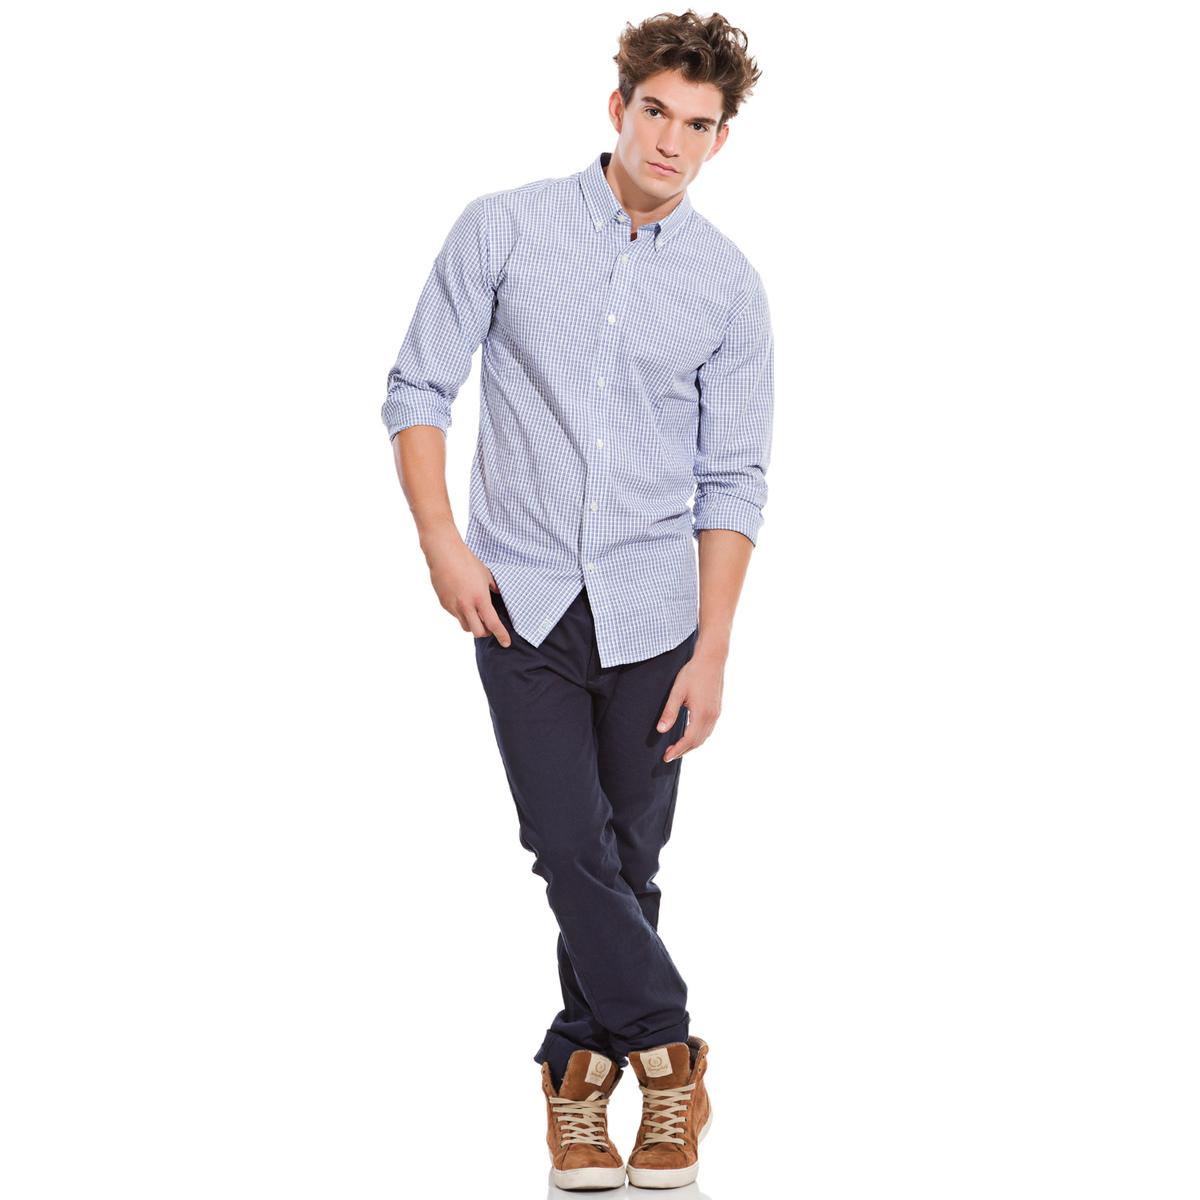 Le catalogue mode homme de Jumia, saura satisfaire vos besoins et envies en matière de mode. Vous trouverez ici, les vêtements les plus tendances de l'année , et ce, à des tarifs vraiment irrésistibles. Des tenues à la pointe de la mode se trouvent sur Jumia Algérie.